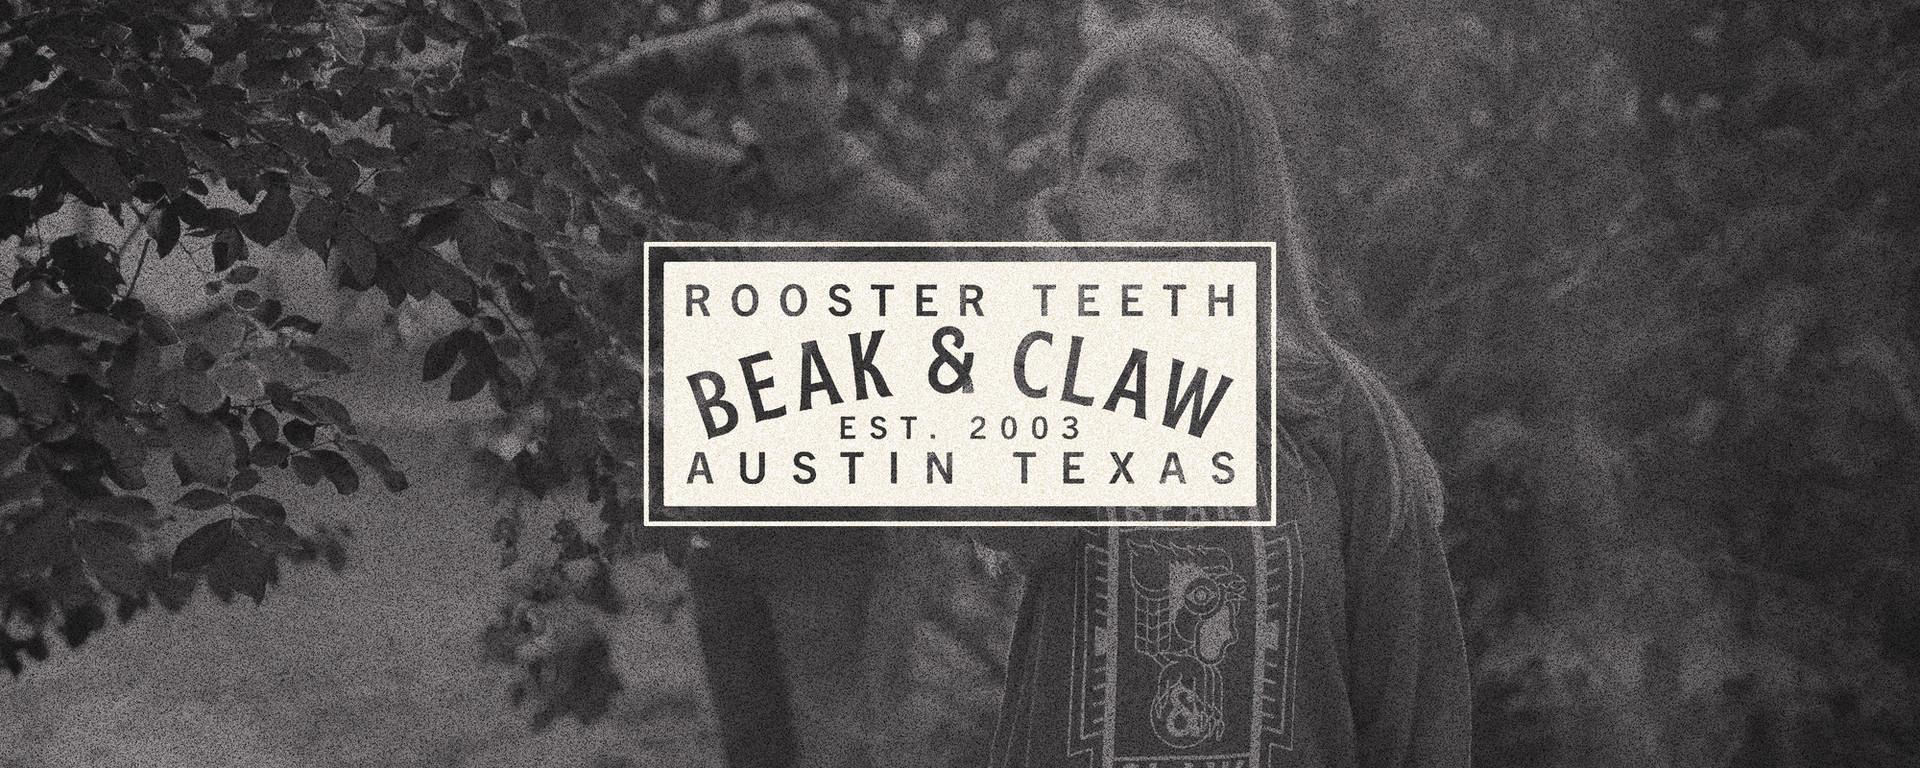 ROOSTER TEETH - BEAK & CLAW